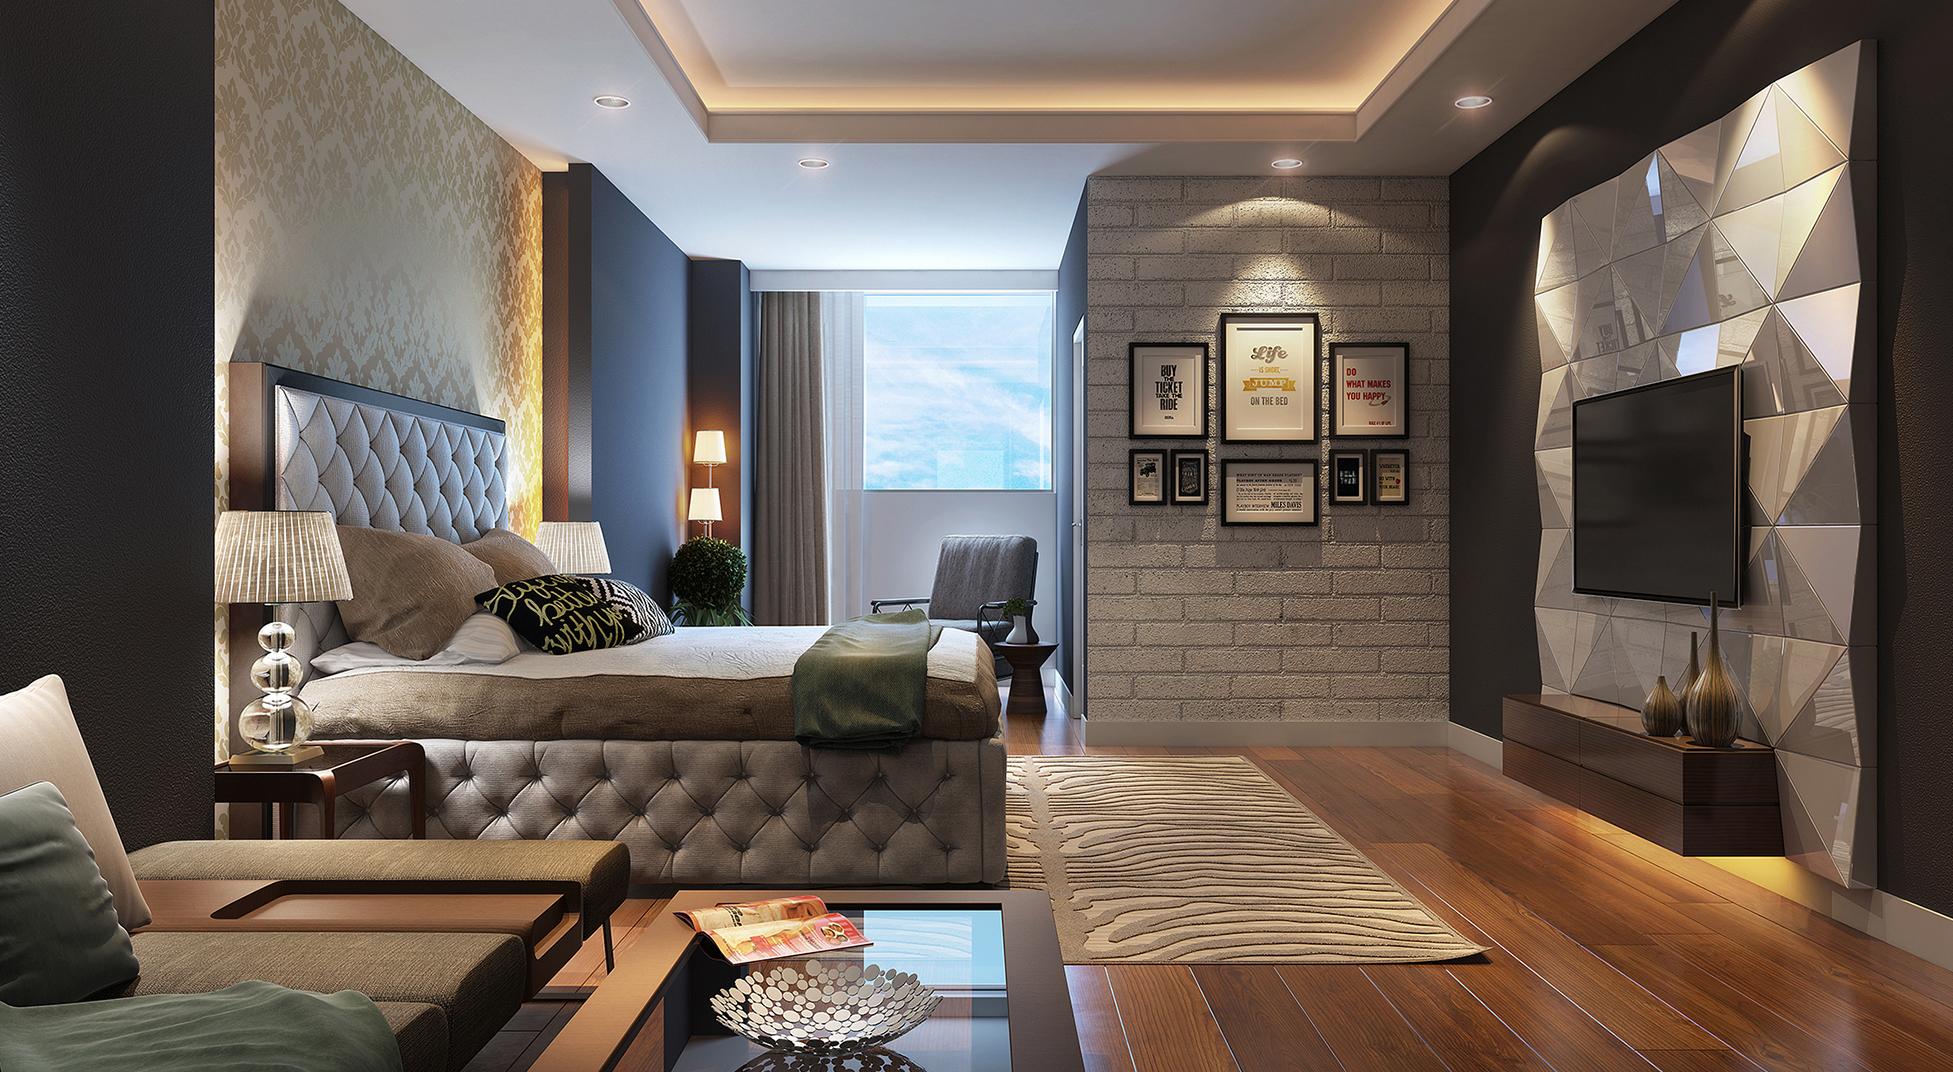 Современный интерьер квартиры фото 2016